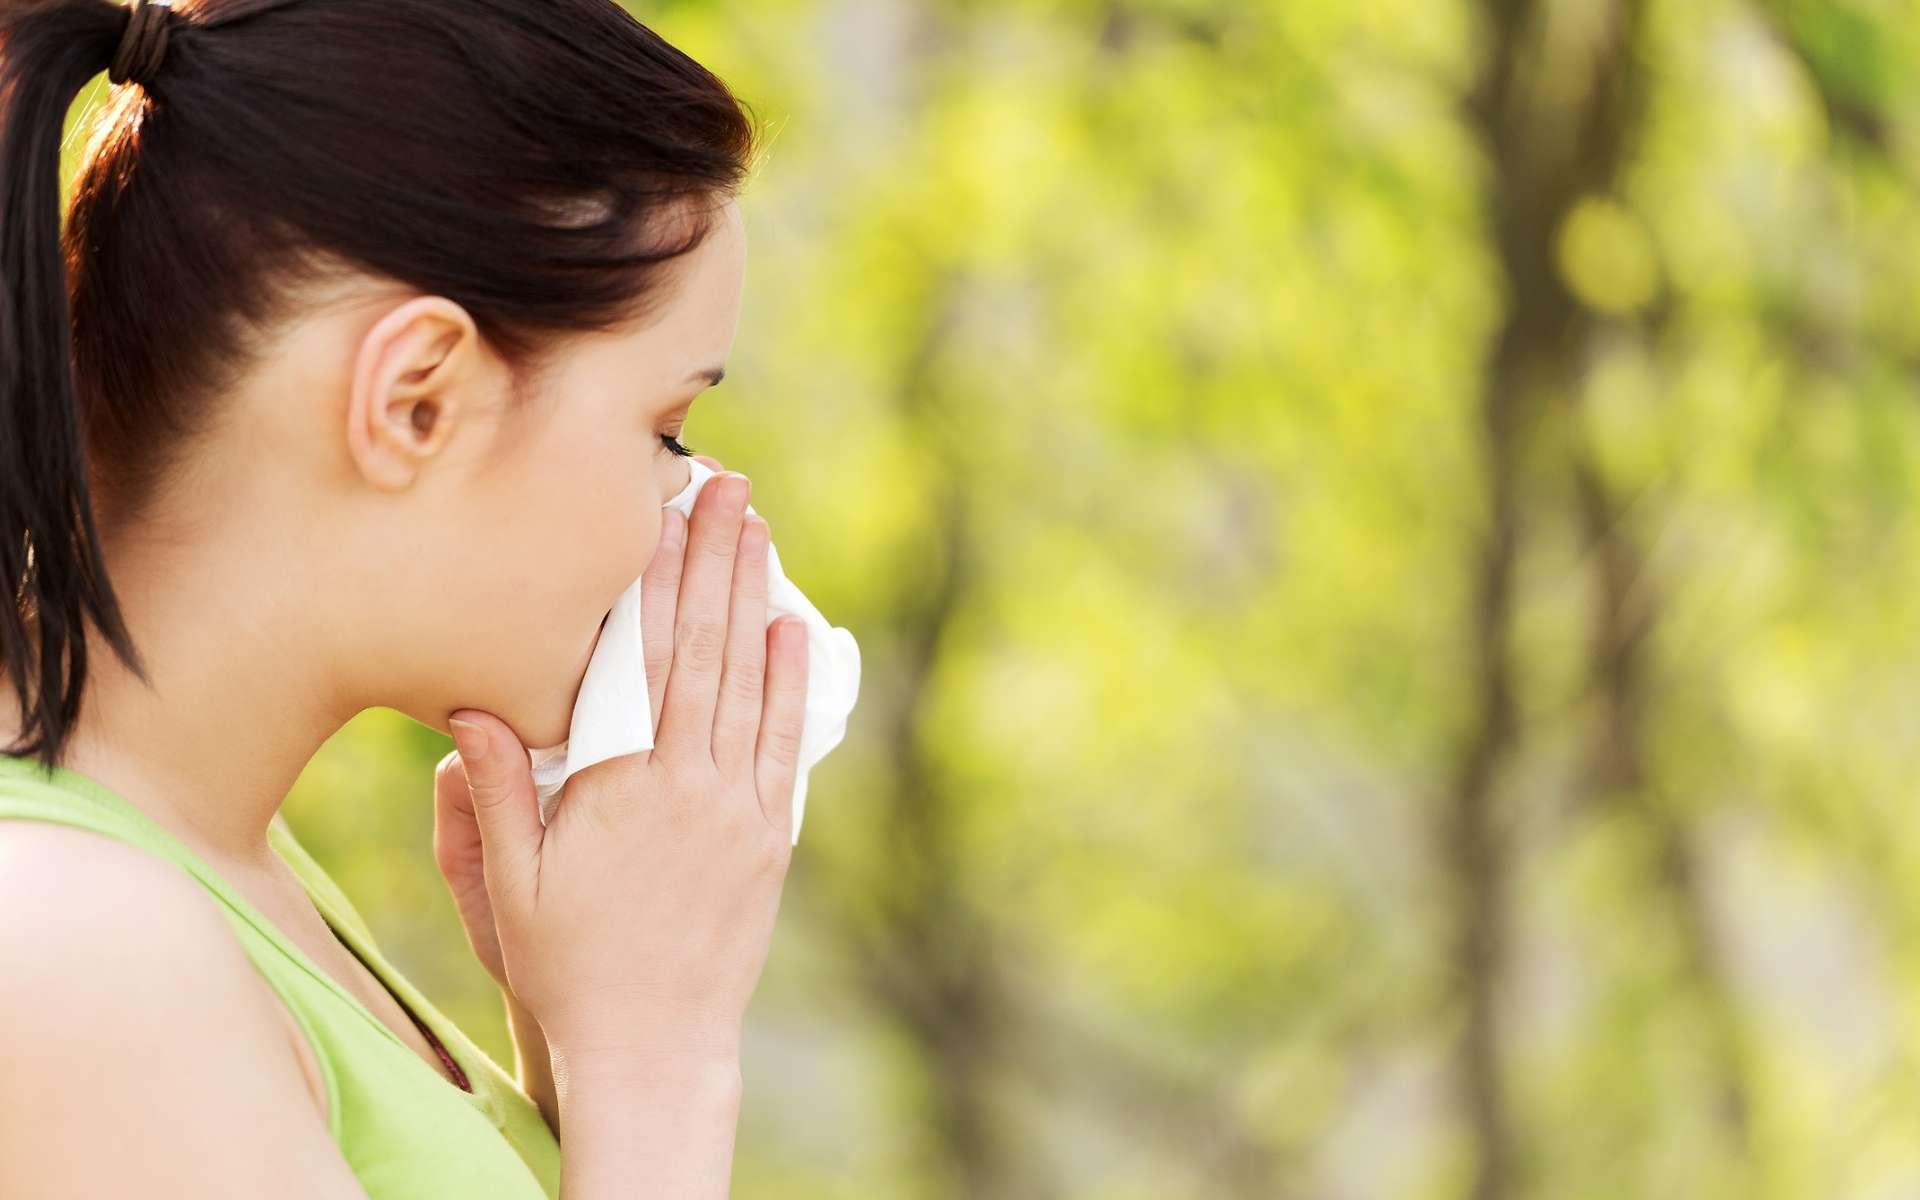 L'allergie aux pollens, ou « rhume des foins », provoque des symptômes tels que : éternuements, larmoiement, nez qui coule… © Piotr Marcinski, Shutterstock